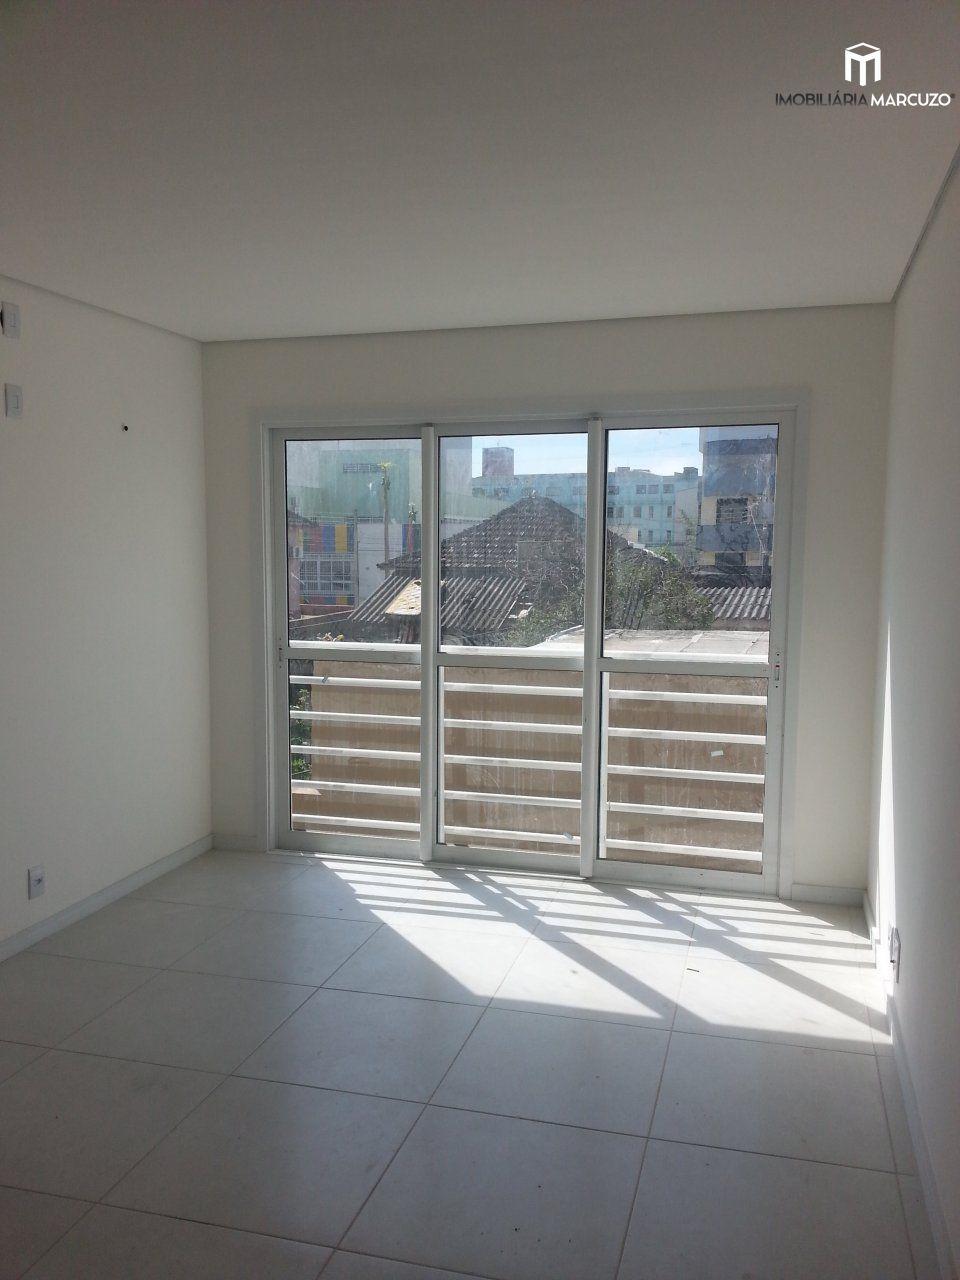 Apartamento com 2 Dormitórios à venda, 77 m² por R$ 316.500,00